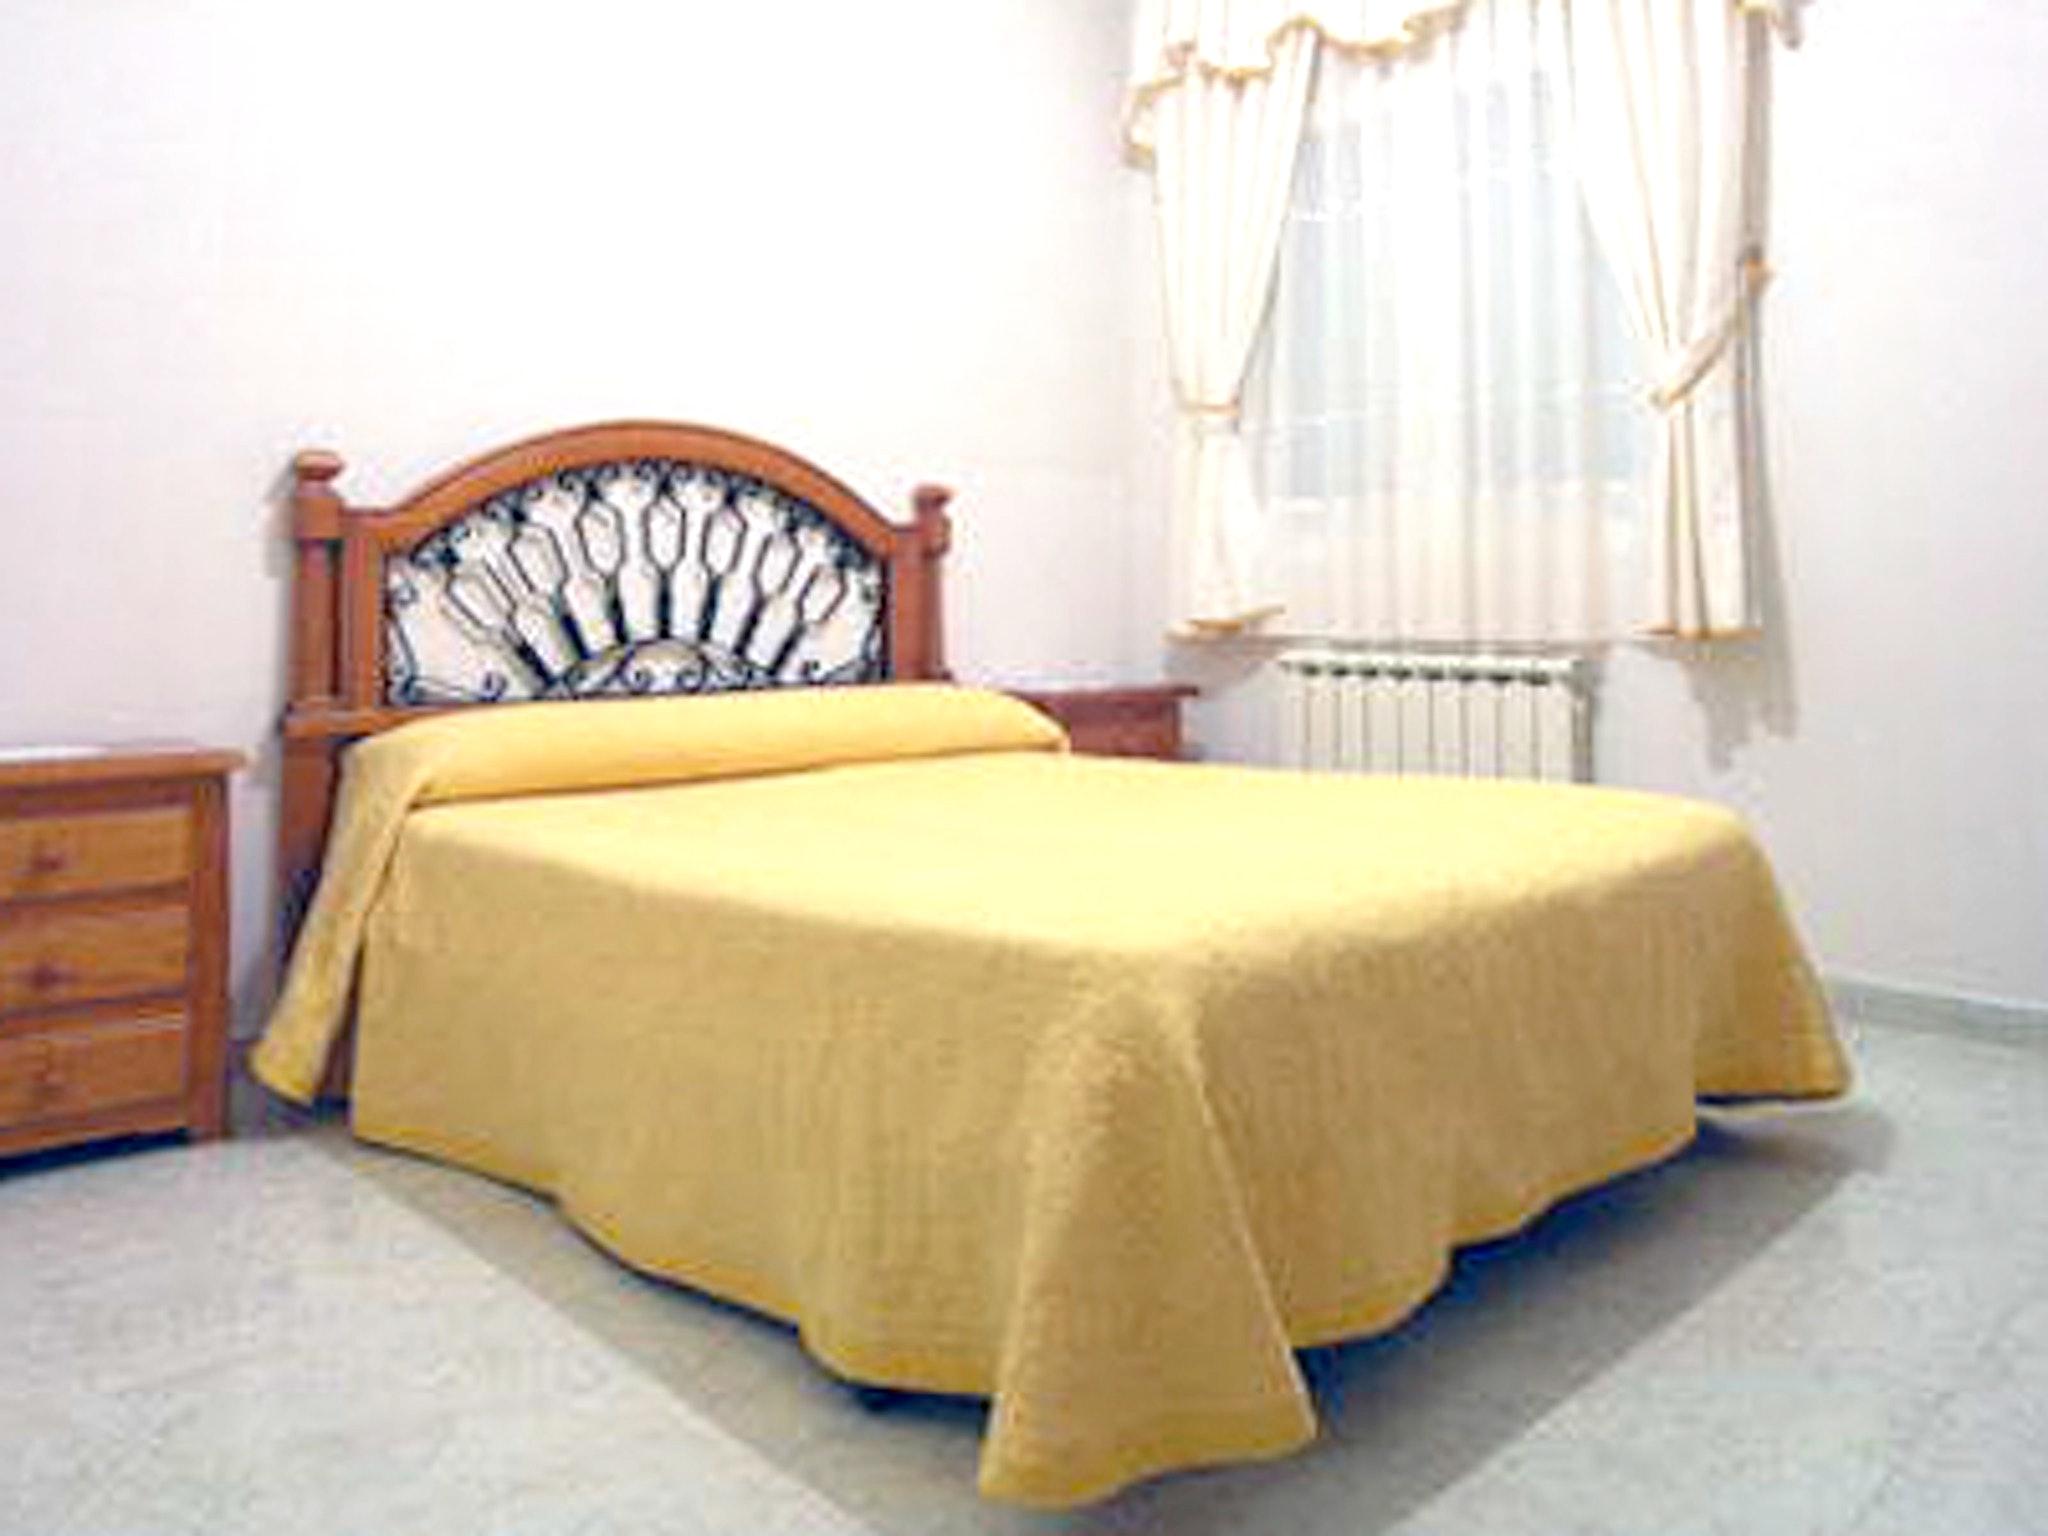 Ferienhaus El Molino Viejo - Haus mit drei Schlafzimmern, Balkon und Blick auf die beeindruckenden Be (2202391), Navacepeda de Tormes, Avila, Kastilien-León, Spanien, Bild 7